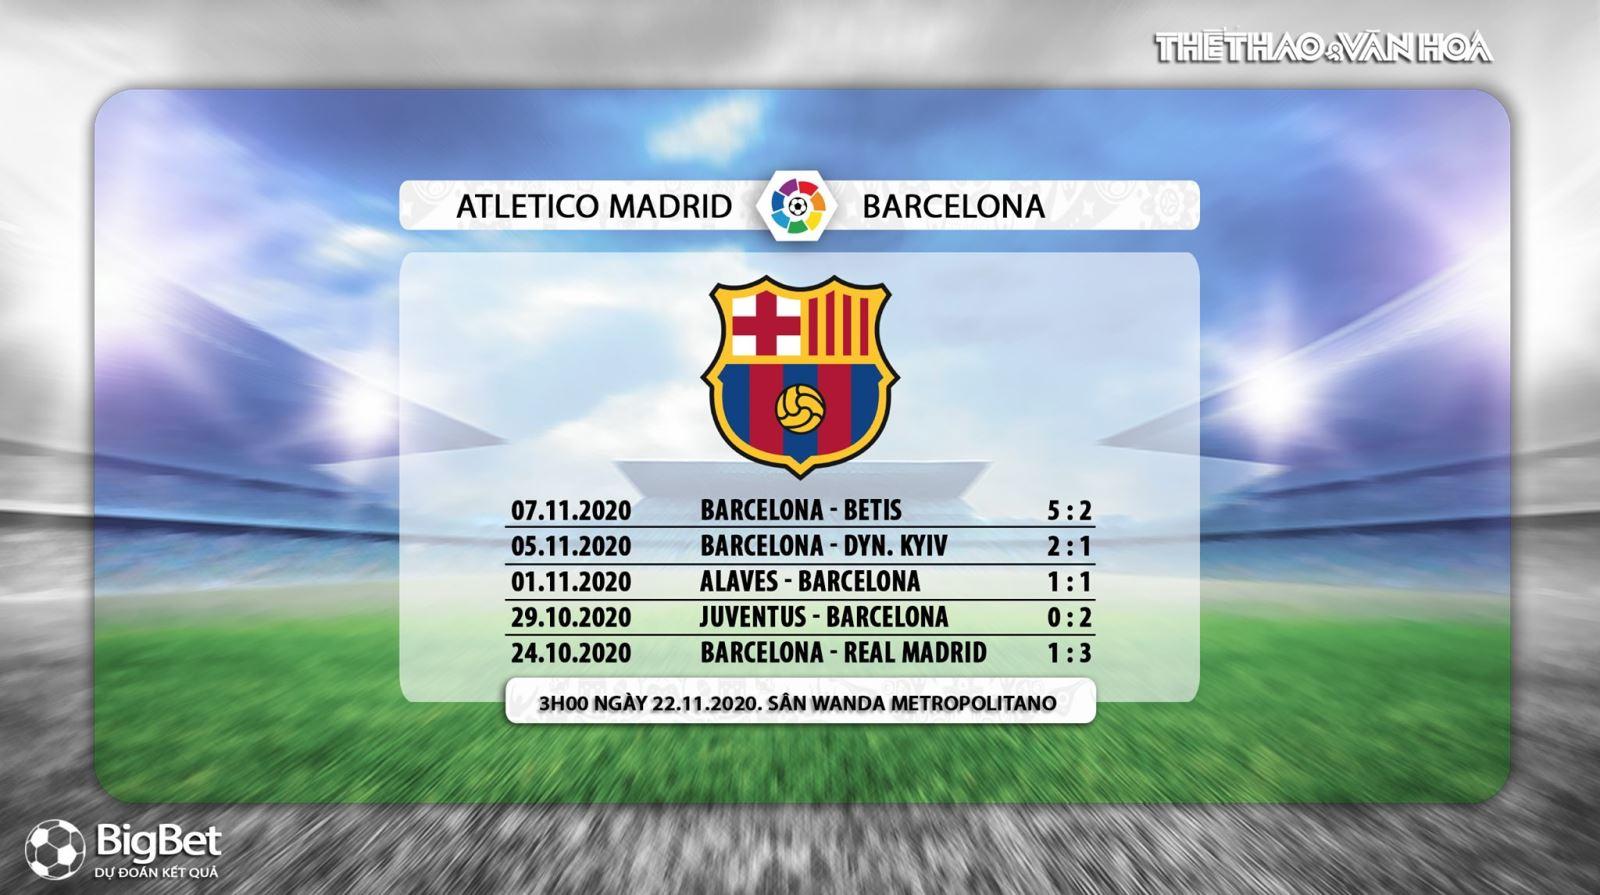 Keo nha cai, Kèo nhà cái, Atletico Madrid vs Barcelona, Vòng 10 La Liga, BĐTV trực tiếp, trực tiếp bóng đá Tây Ban Nha, xem trực tiếp Atletico Madrid vs Barcelona